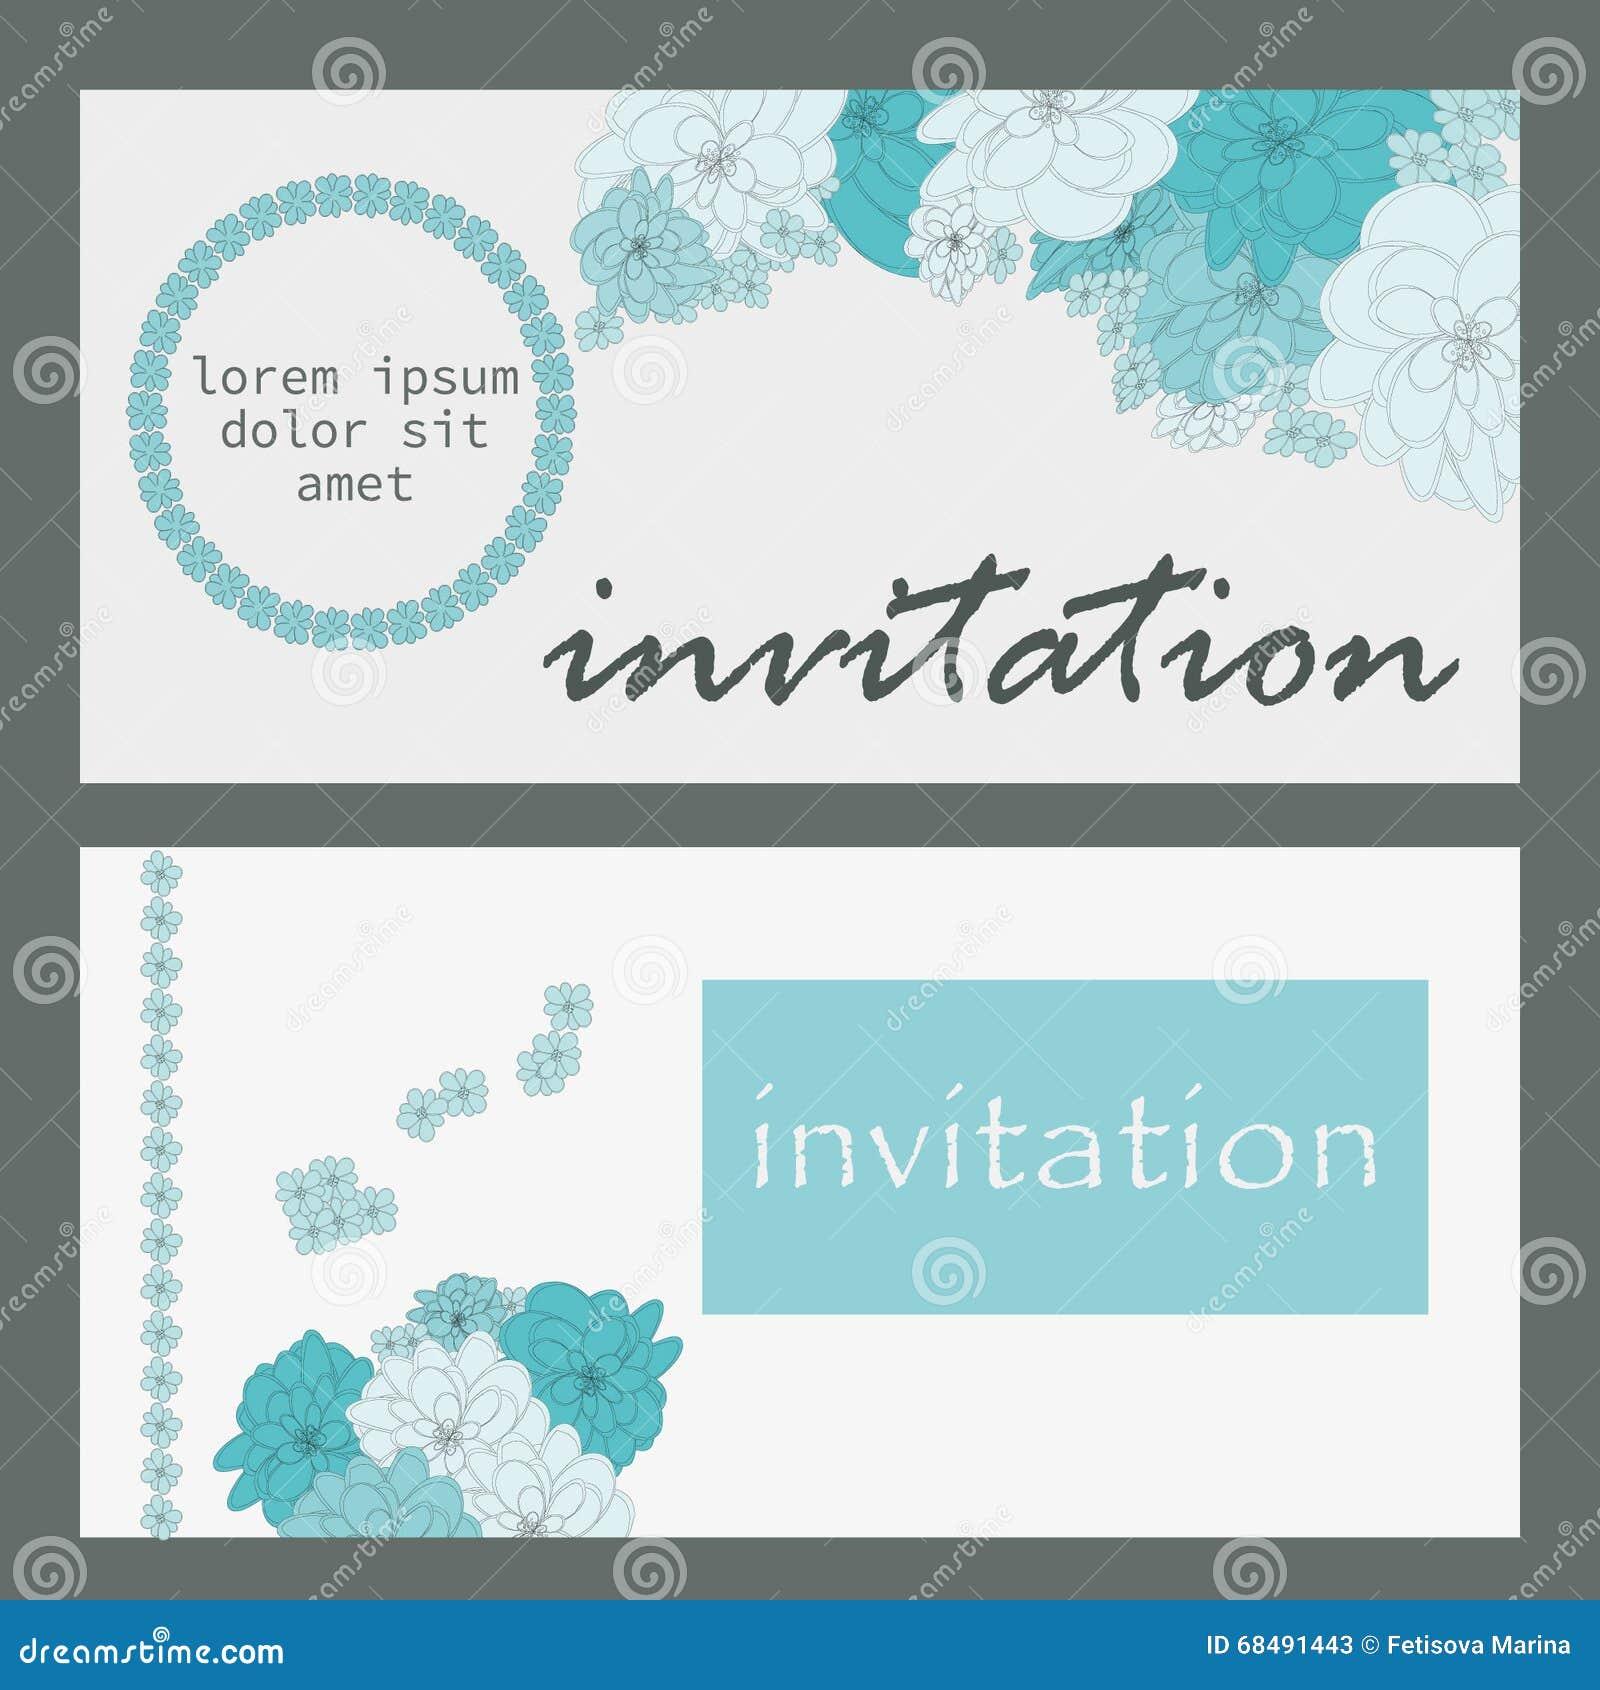 Vector Karte Mit Blumen, Kann Als Einladungskarte Für Die Heirat,  Geburtstag Und Anderer Feiertag